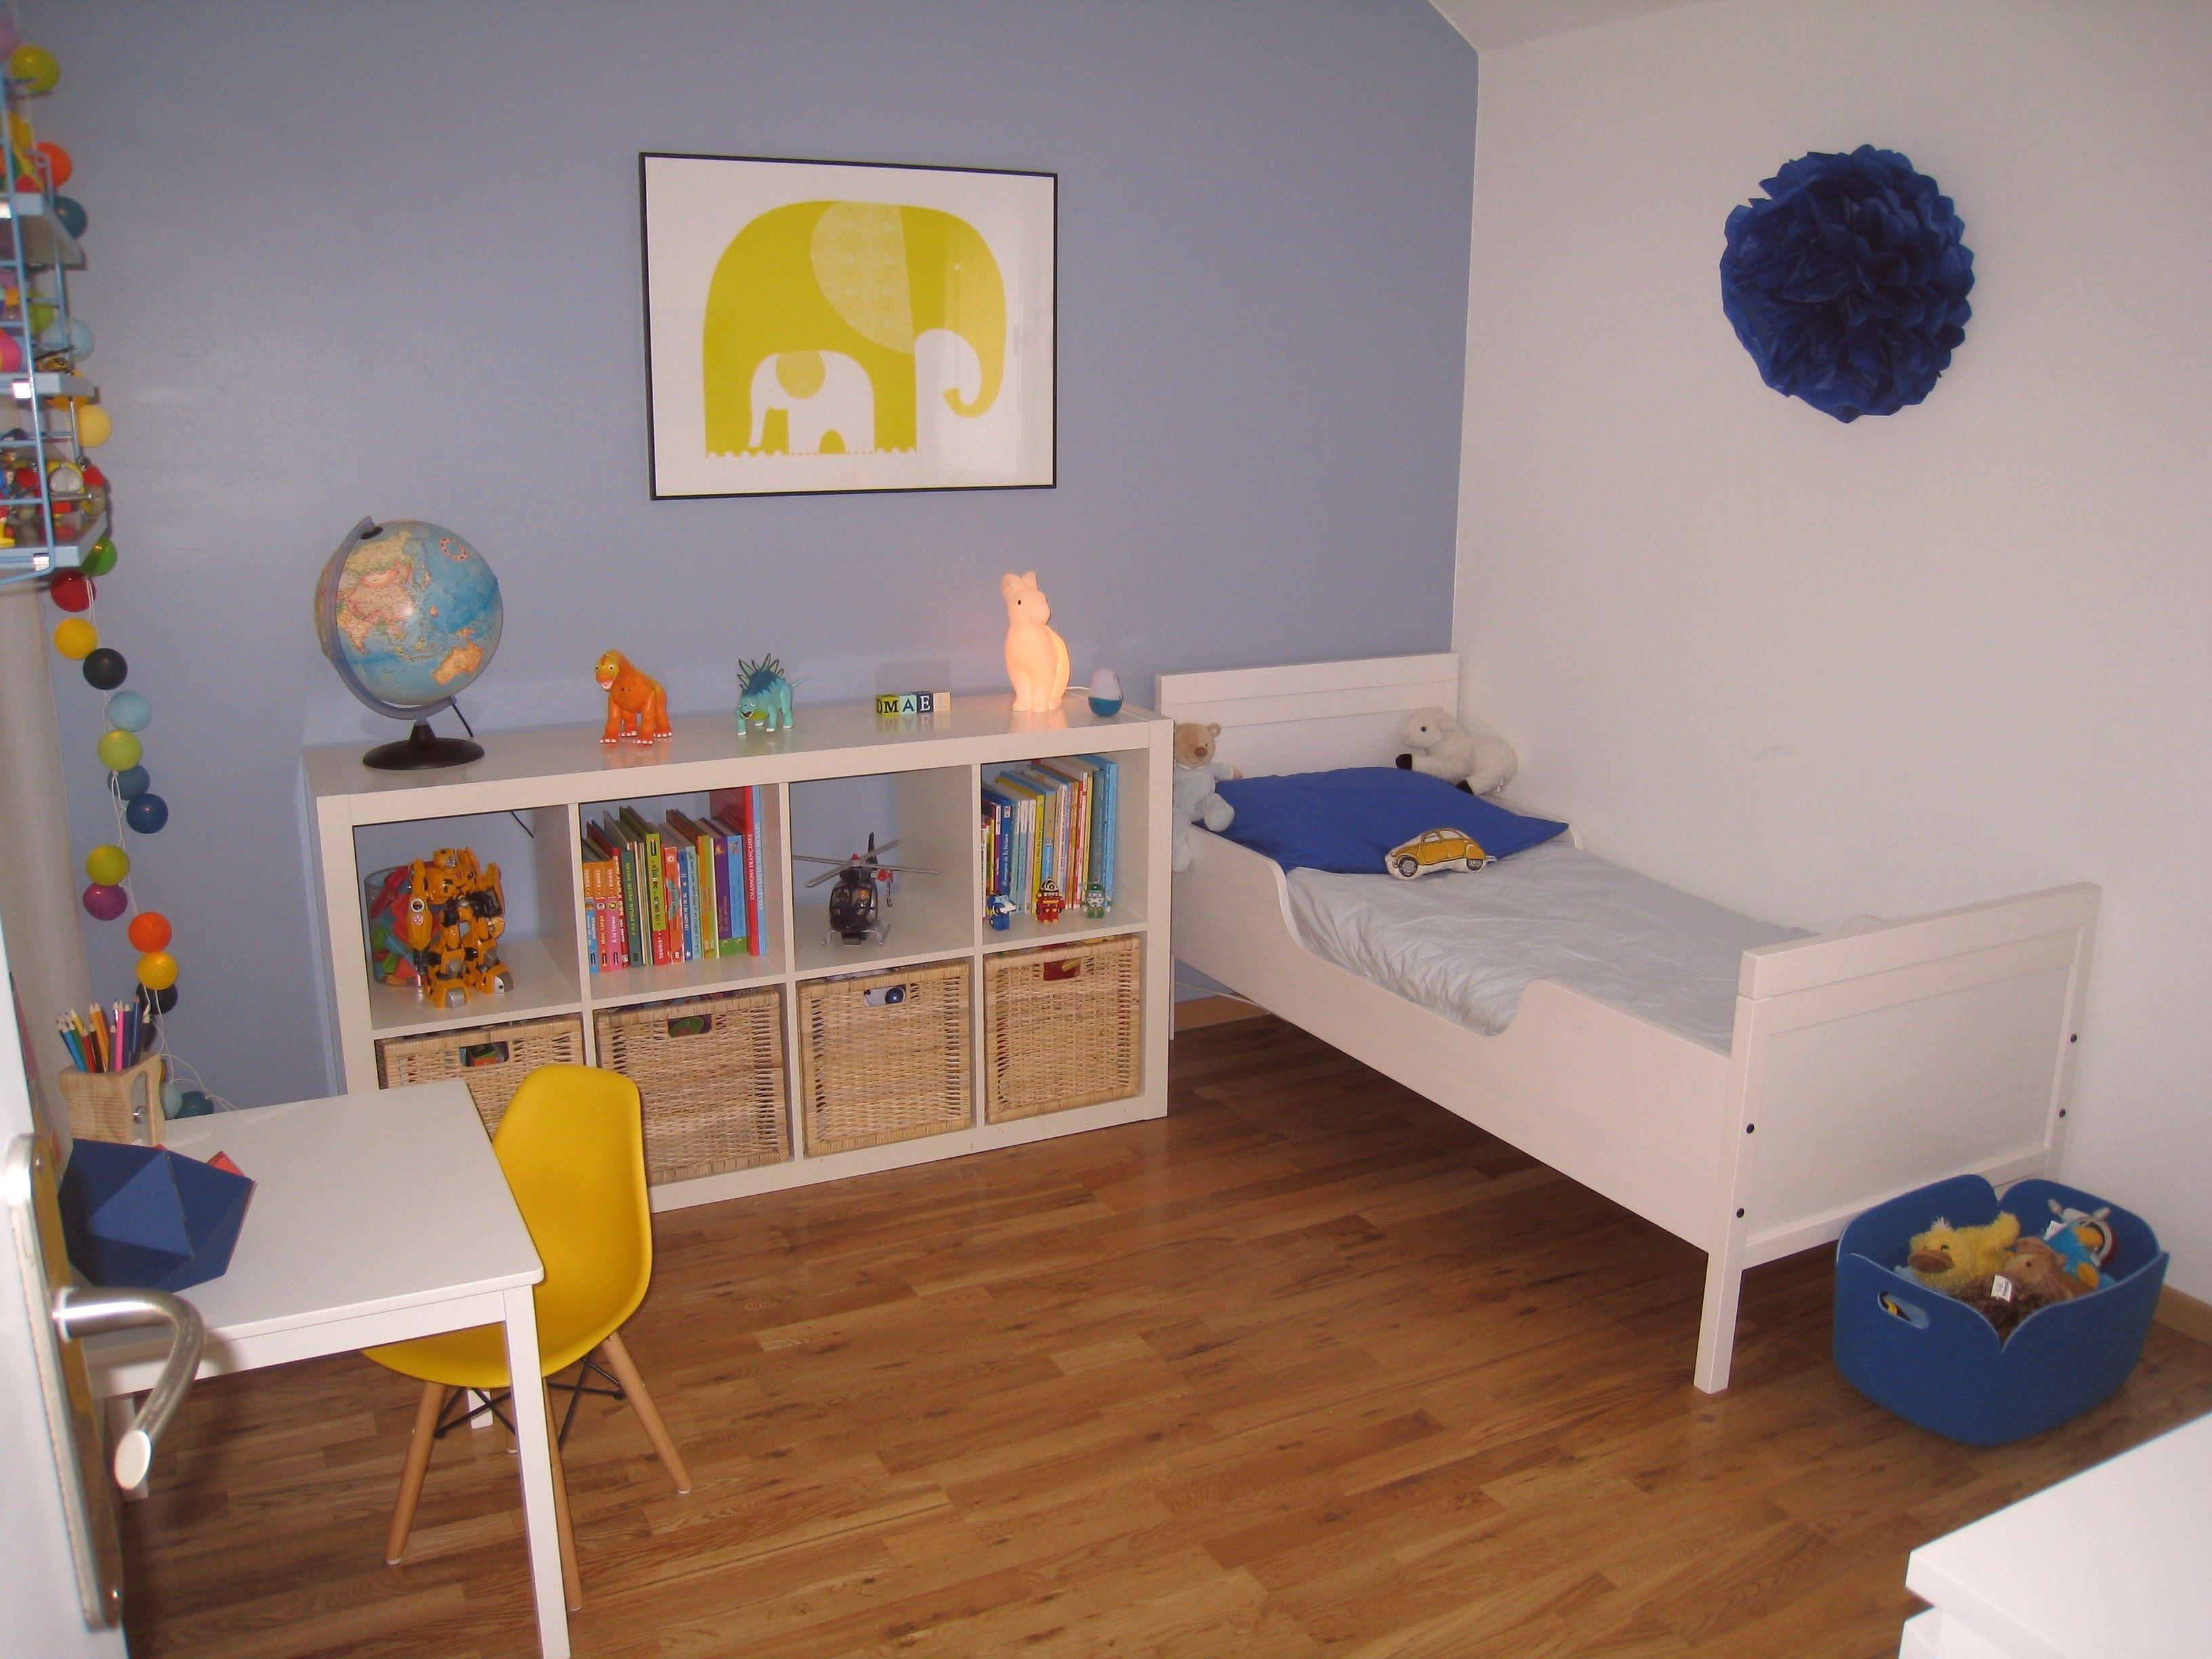 Lit Pour Enfant De 2 Ans Agréable Chambre Enfant 2 Ans Lit Garcon 2 Ans Unique 50 La élégant Image